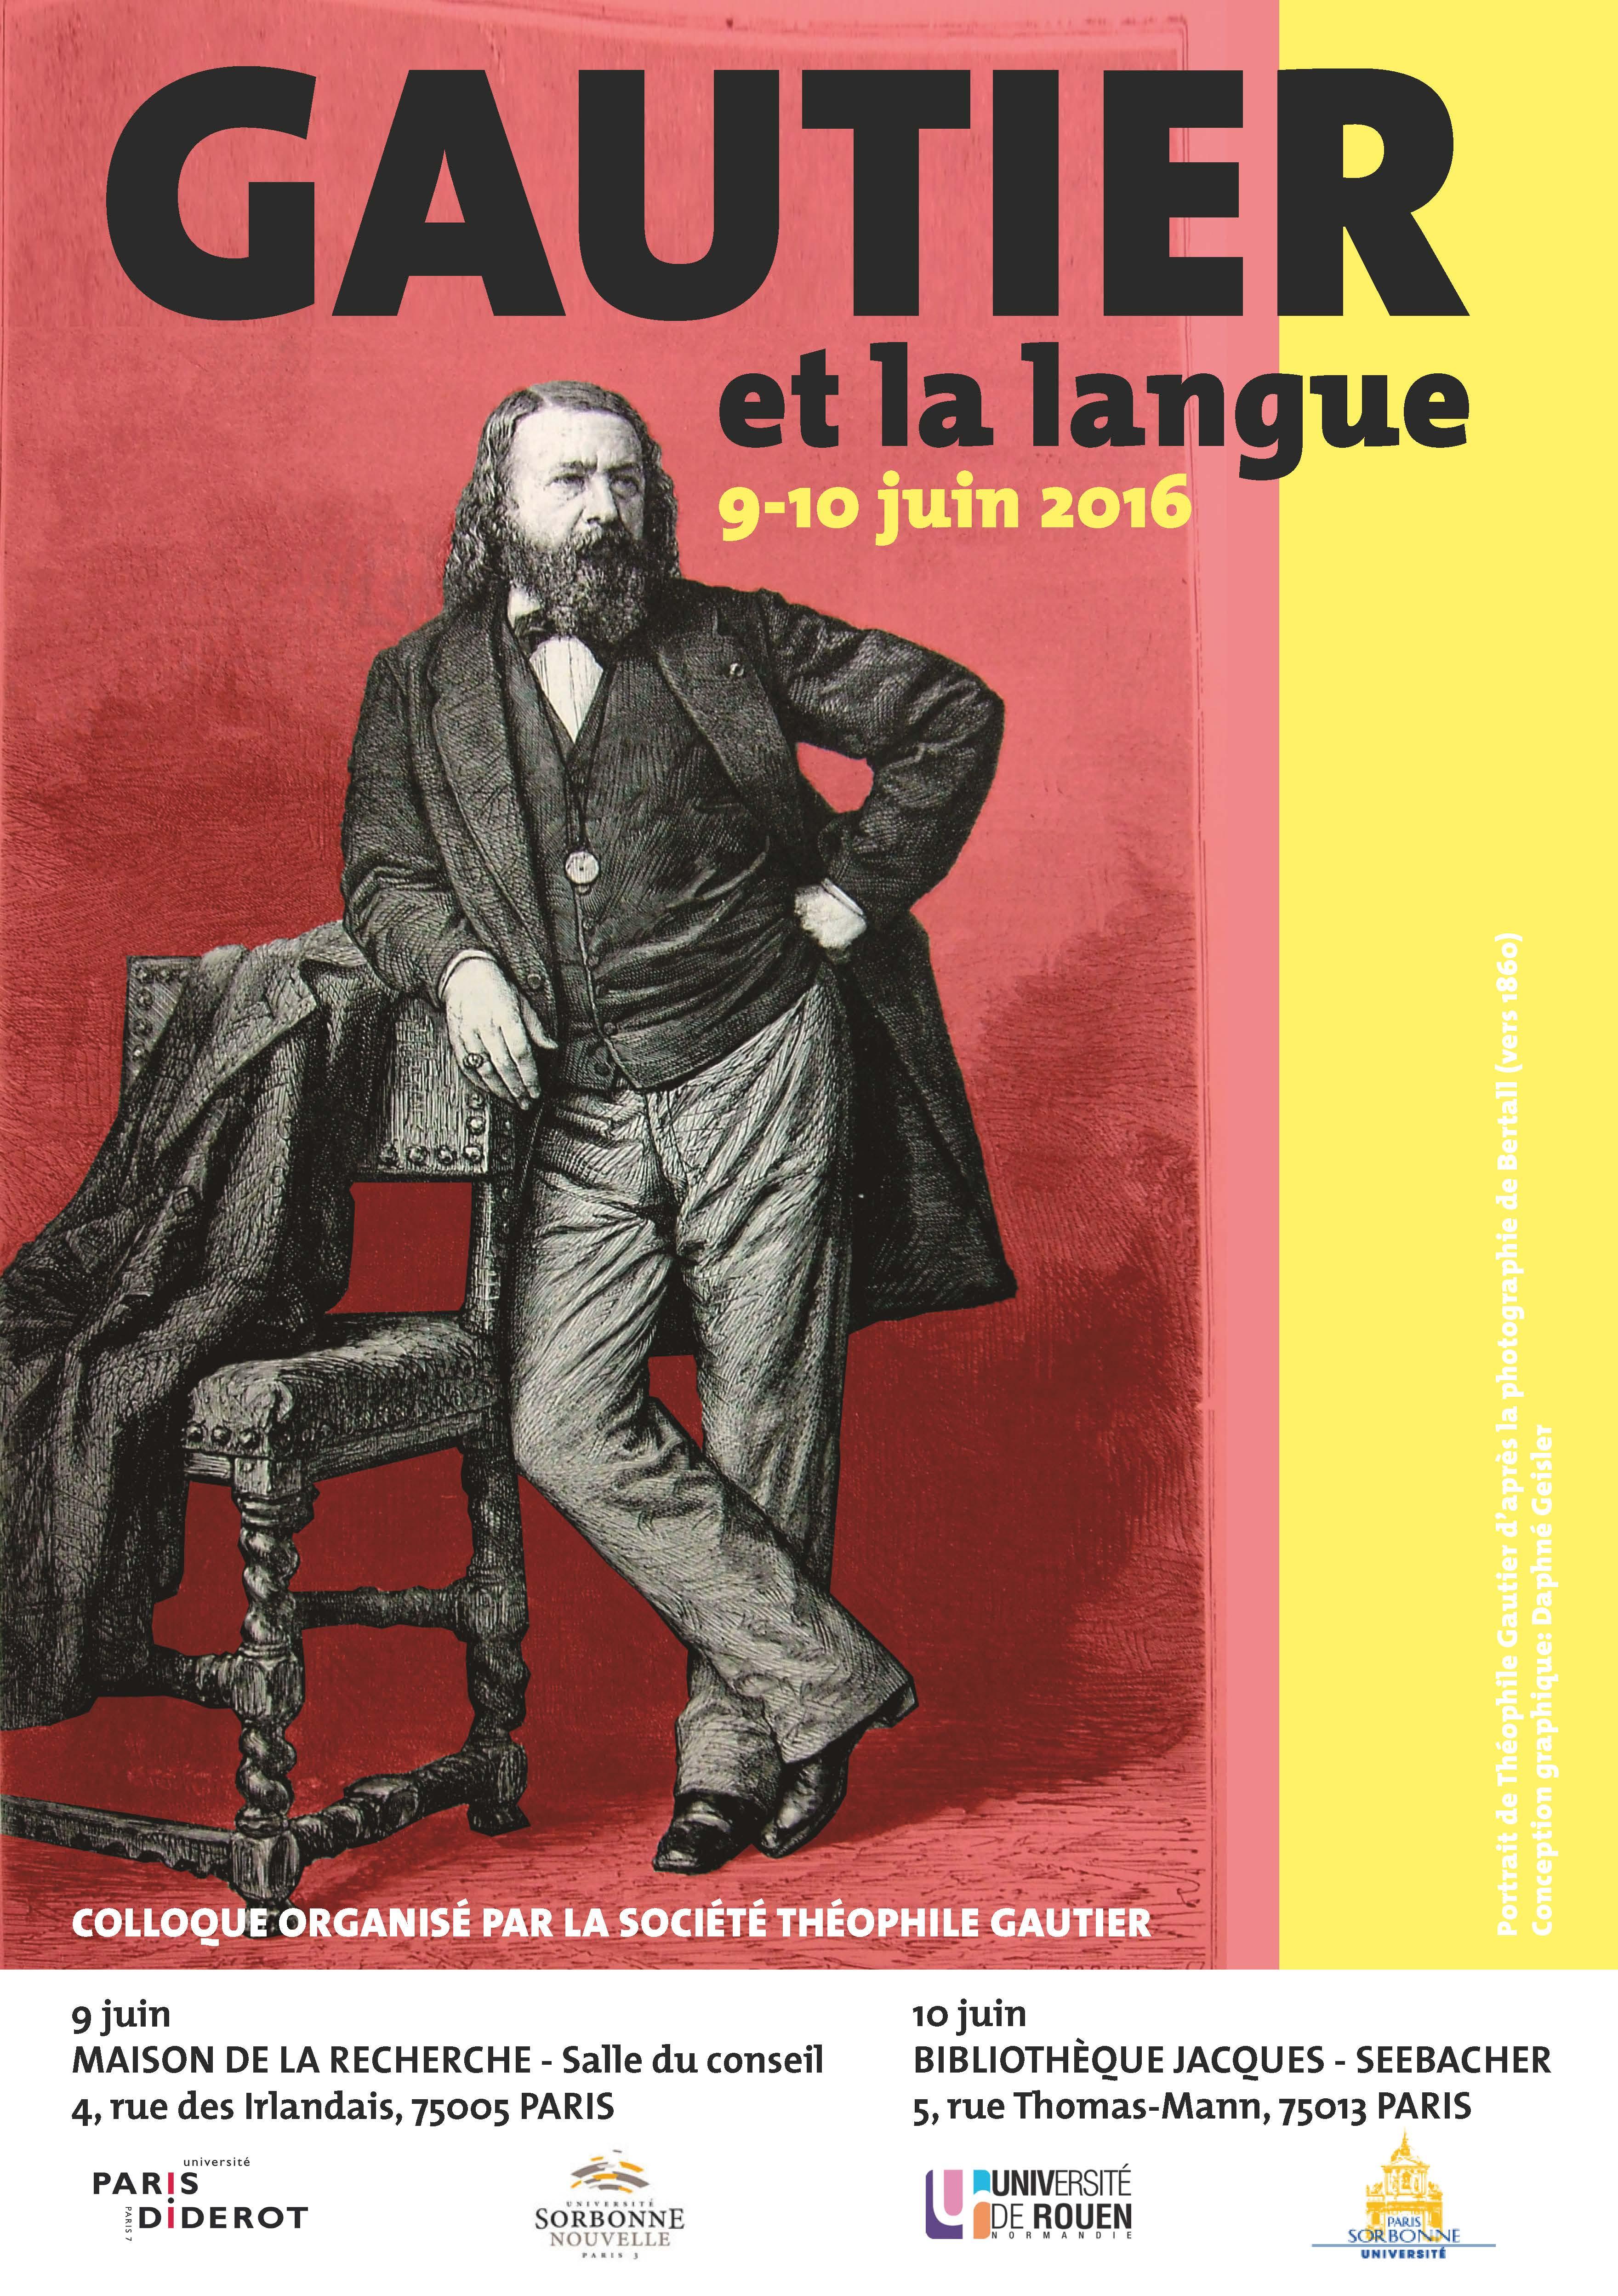 Affiche colloque Gautier et la langue